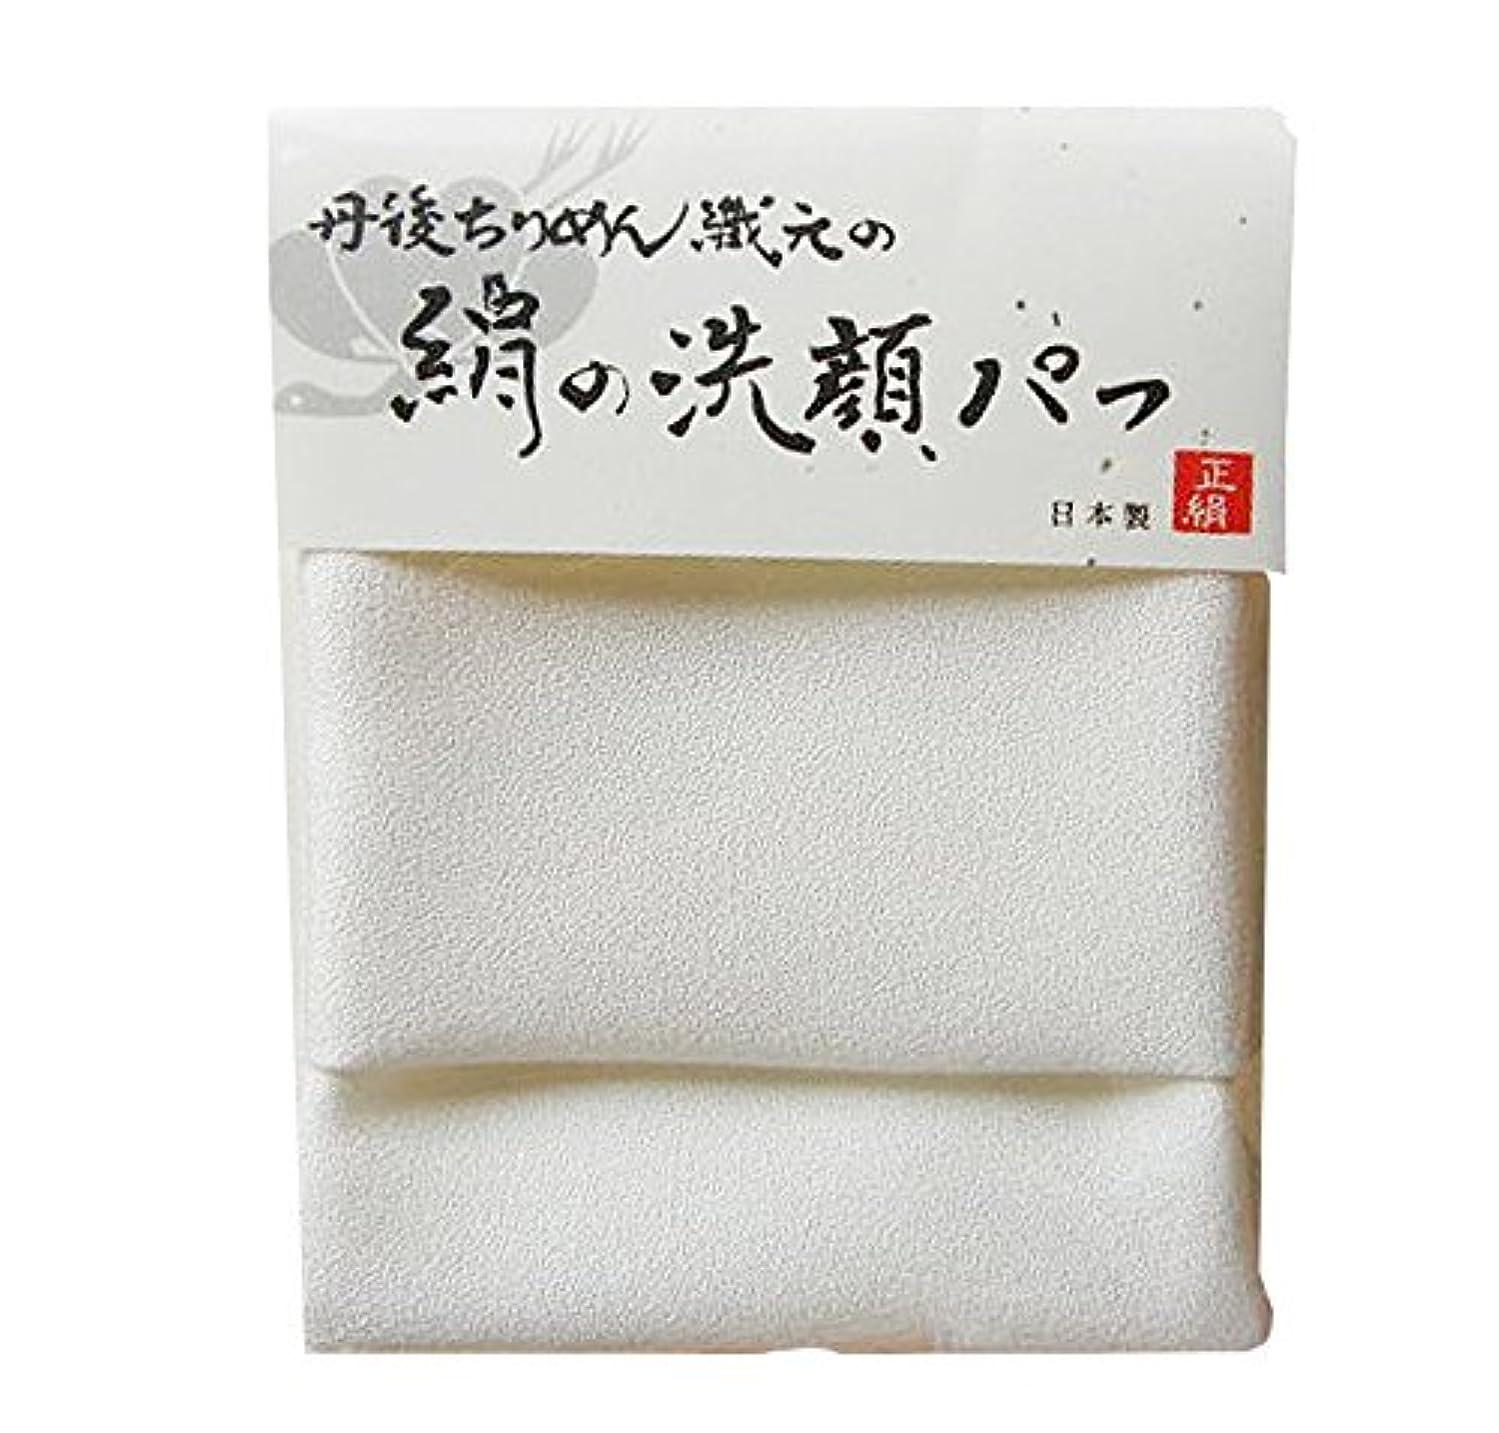 フォーマル負荷パウダー【NHKイッピンで紹介!】丹後ちりめん織元の絹の洗顔パフ